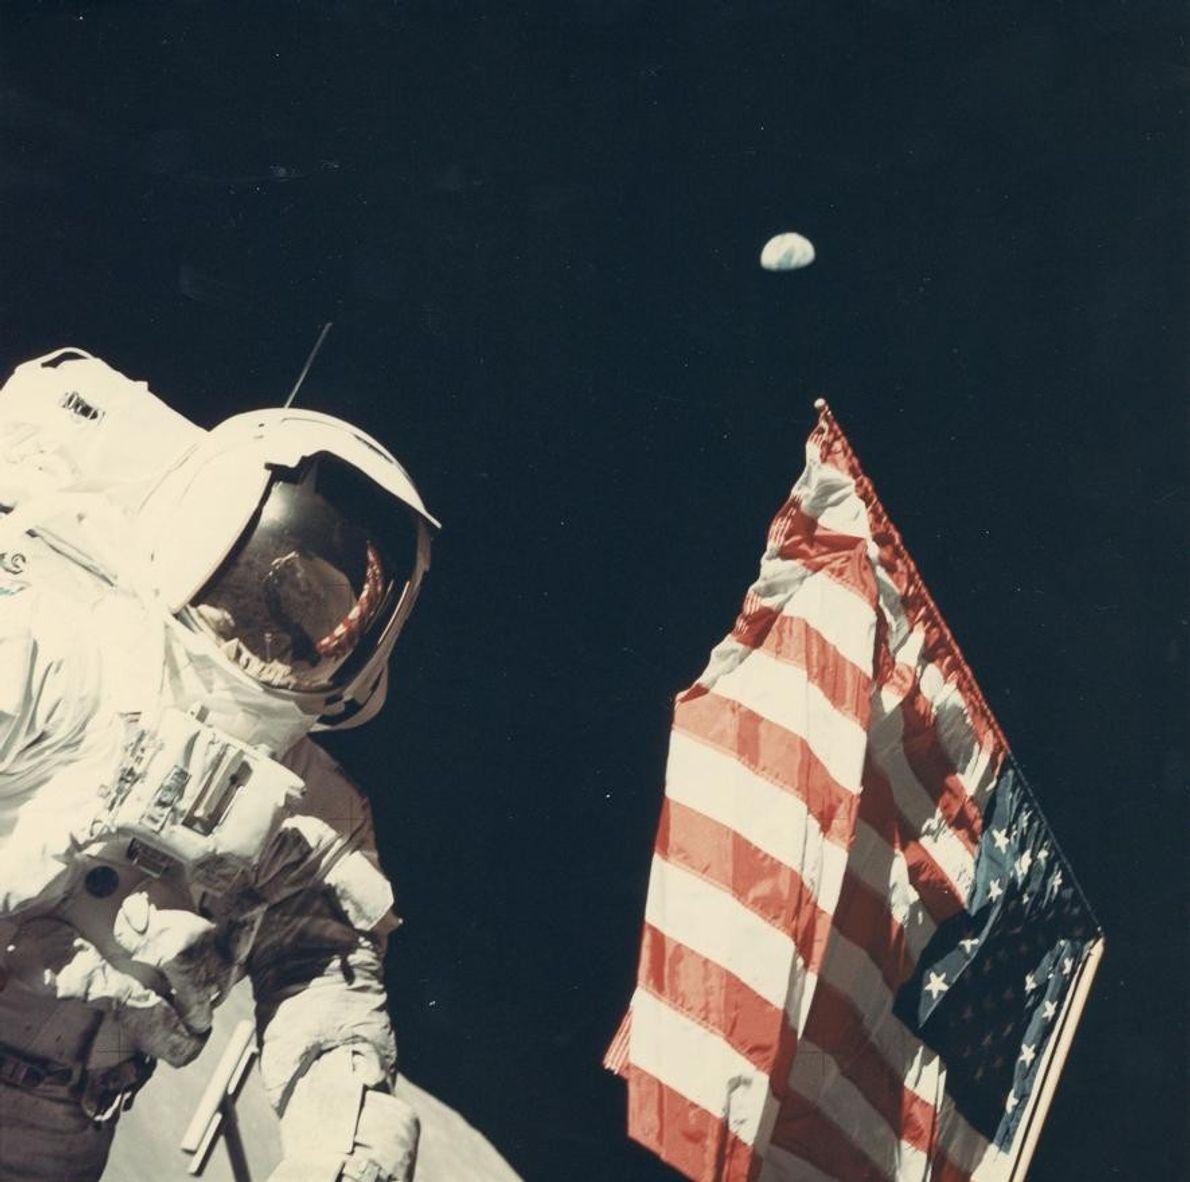 « Sur cette photo, j'ai capturé à la fois la Terre, la Lune, l'homme et le ...